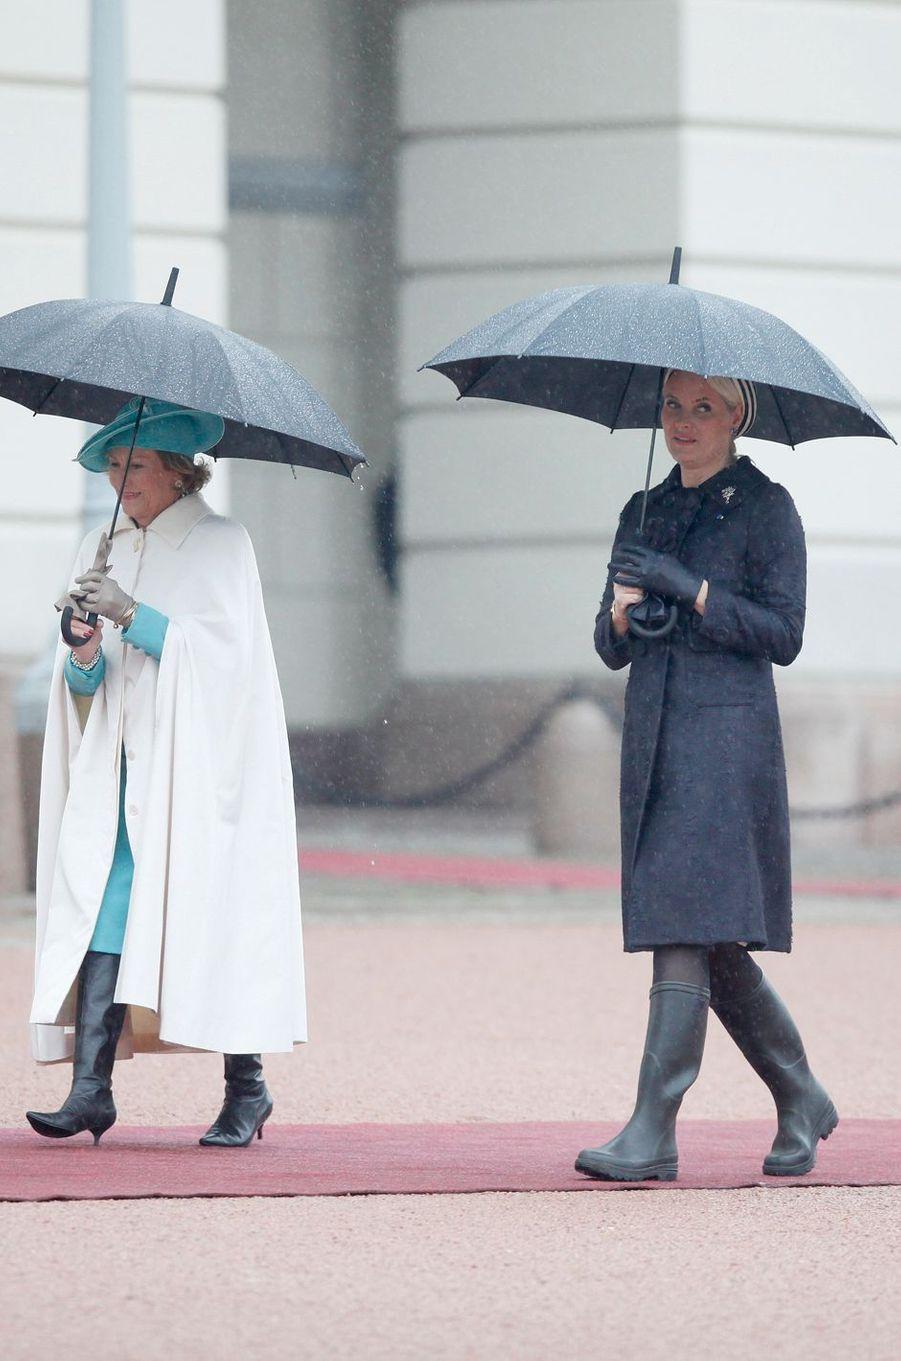 Son mal de dos et une pluie incessante ont obligé ce lundi 23 mai la princesse Mette-Marit de Norvège à accueillir le couple présidentiel de Pologne chaussée de … bottes en caoutchouc.